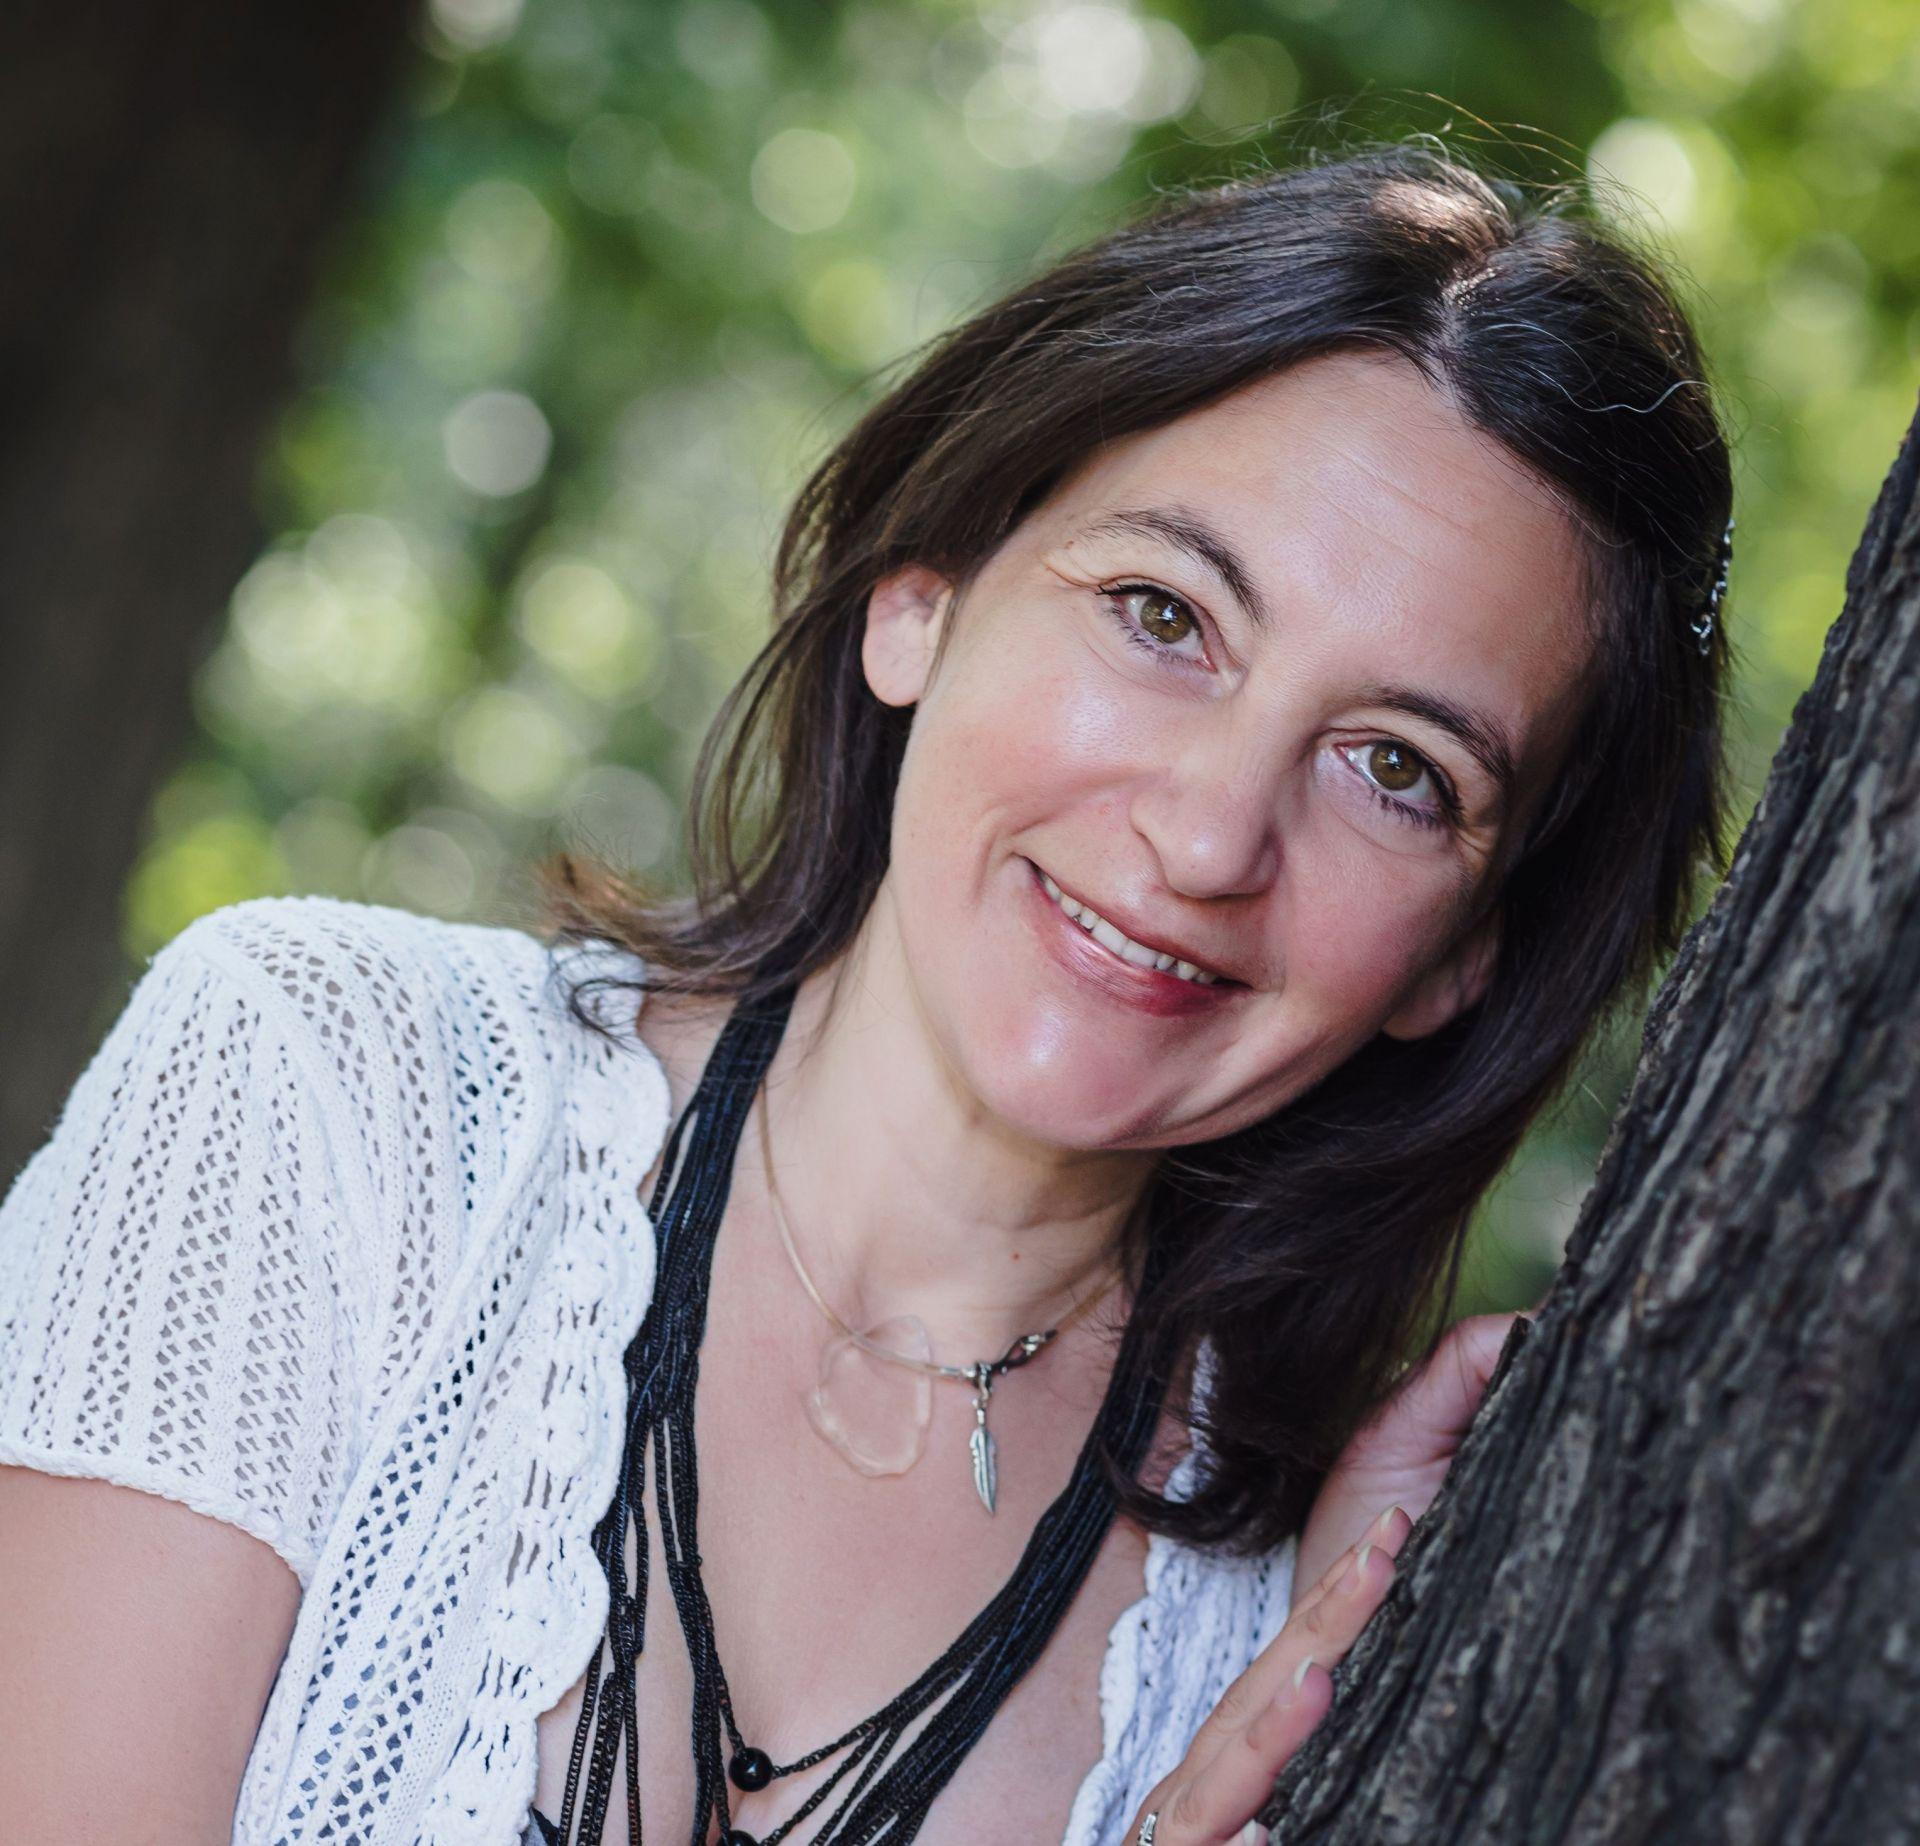 Децата те зареждат чиста енергия, казва учителката Леда Милева